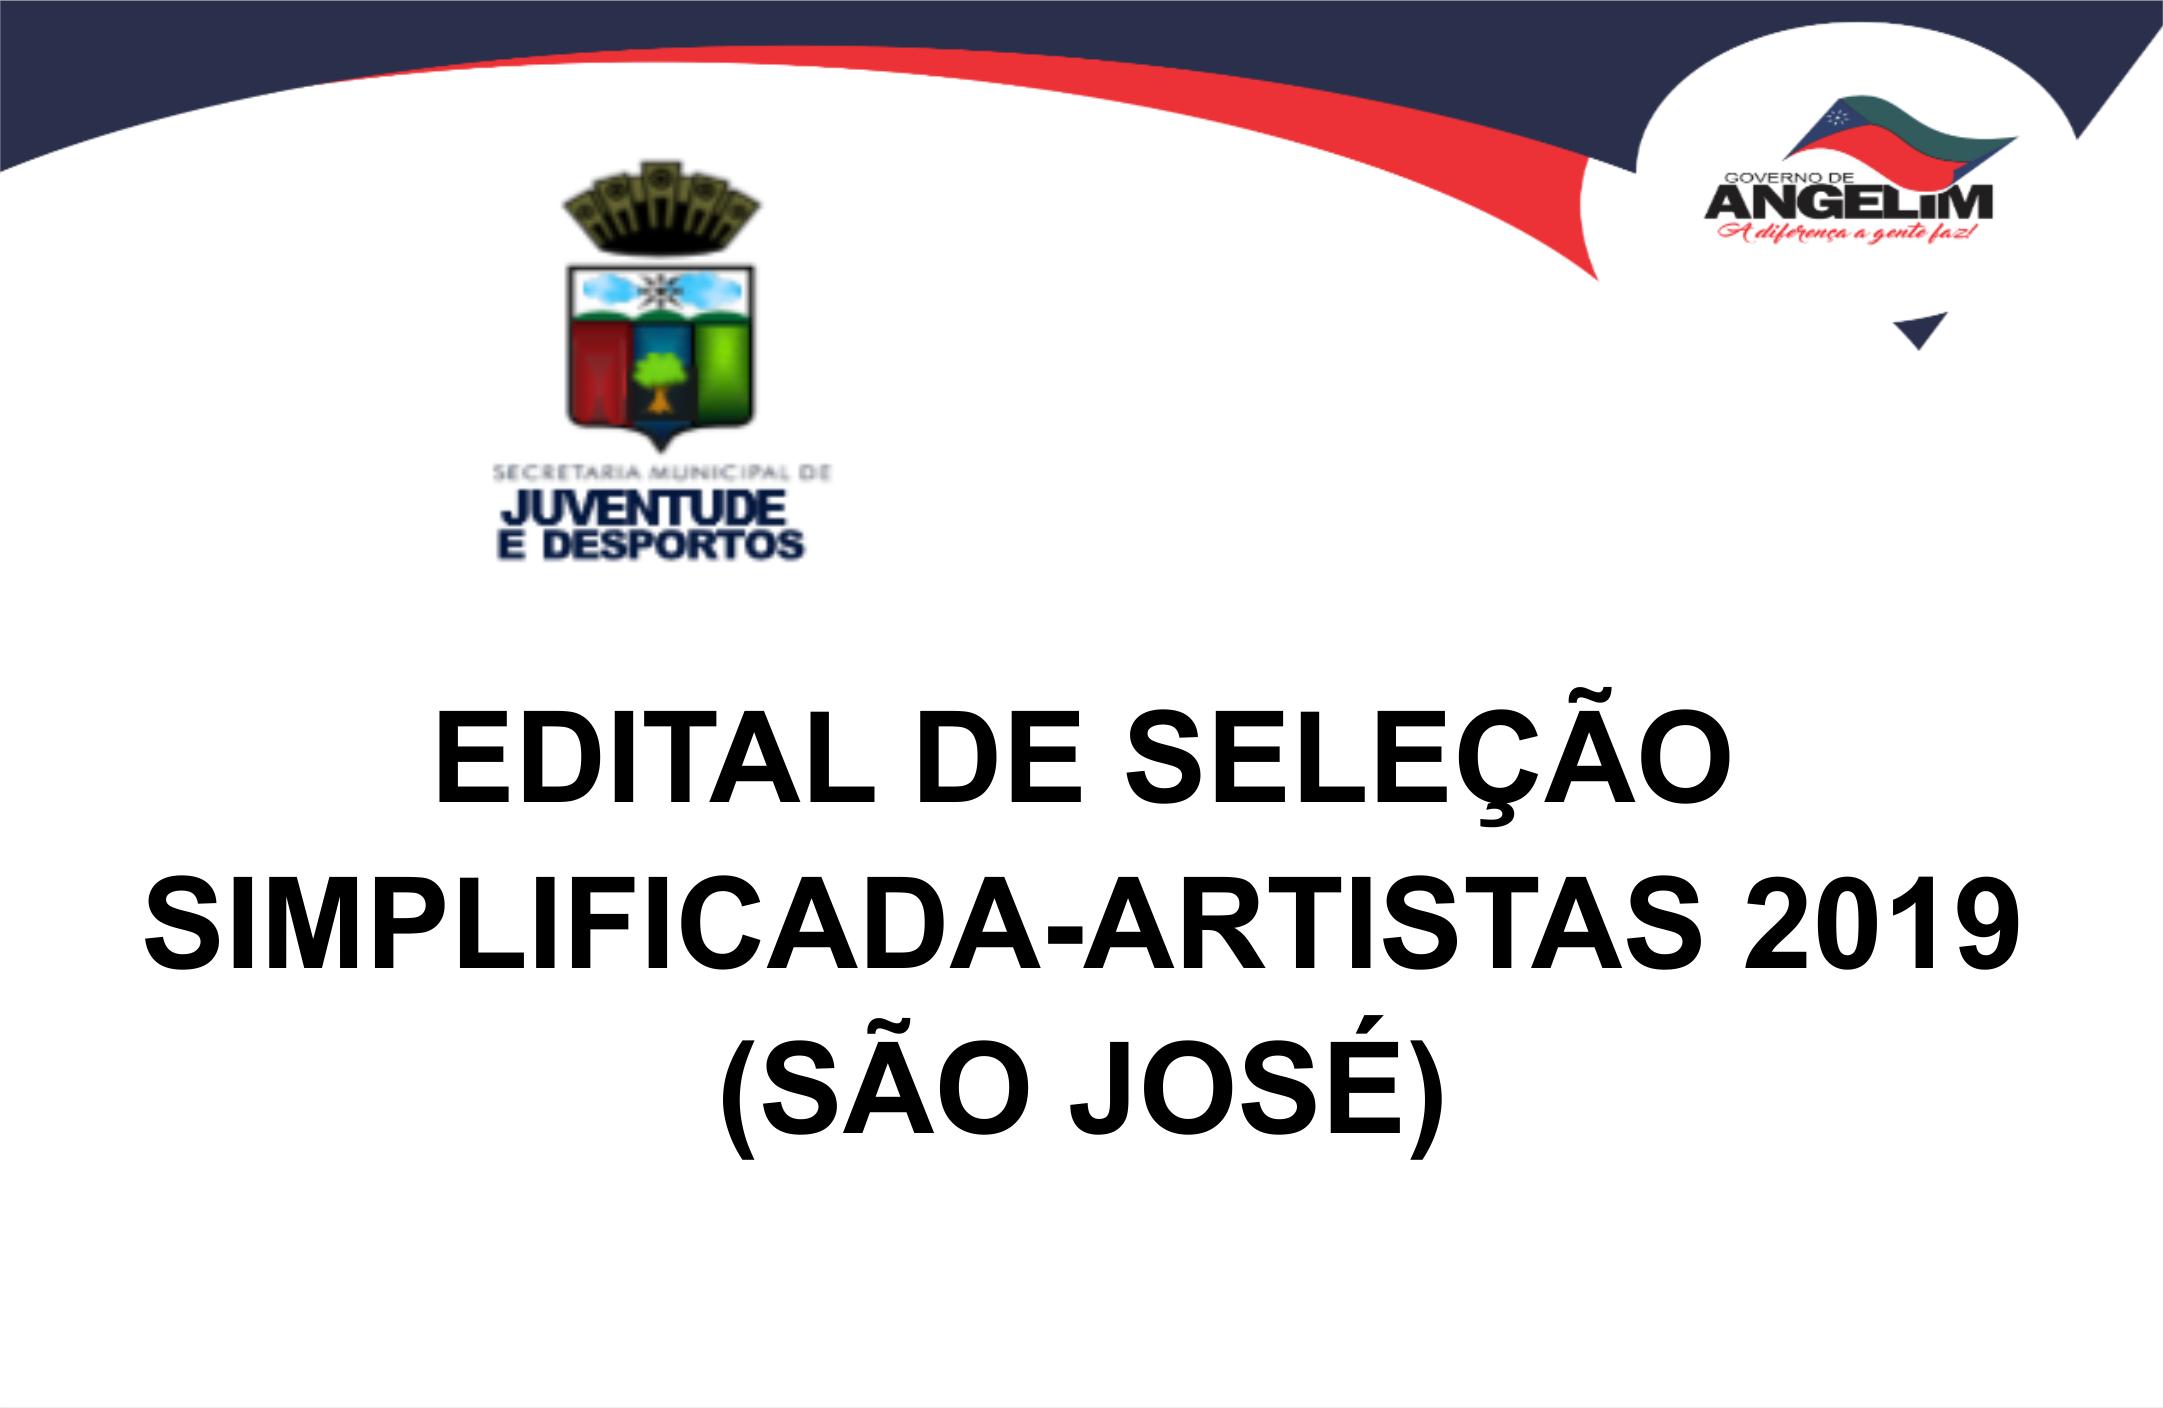 EDITAL DE SELEÇÃO SIMPLIFICADA-ARTISTAS 2019 – (SÃO JOSÉ)